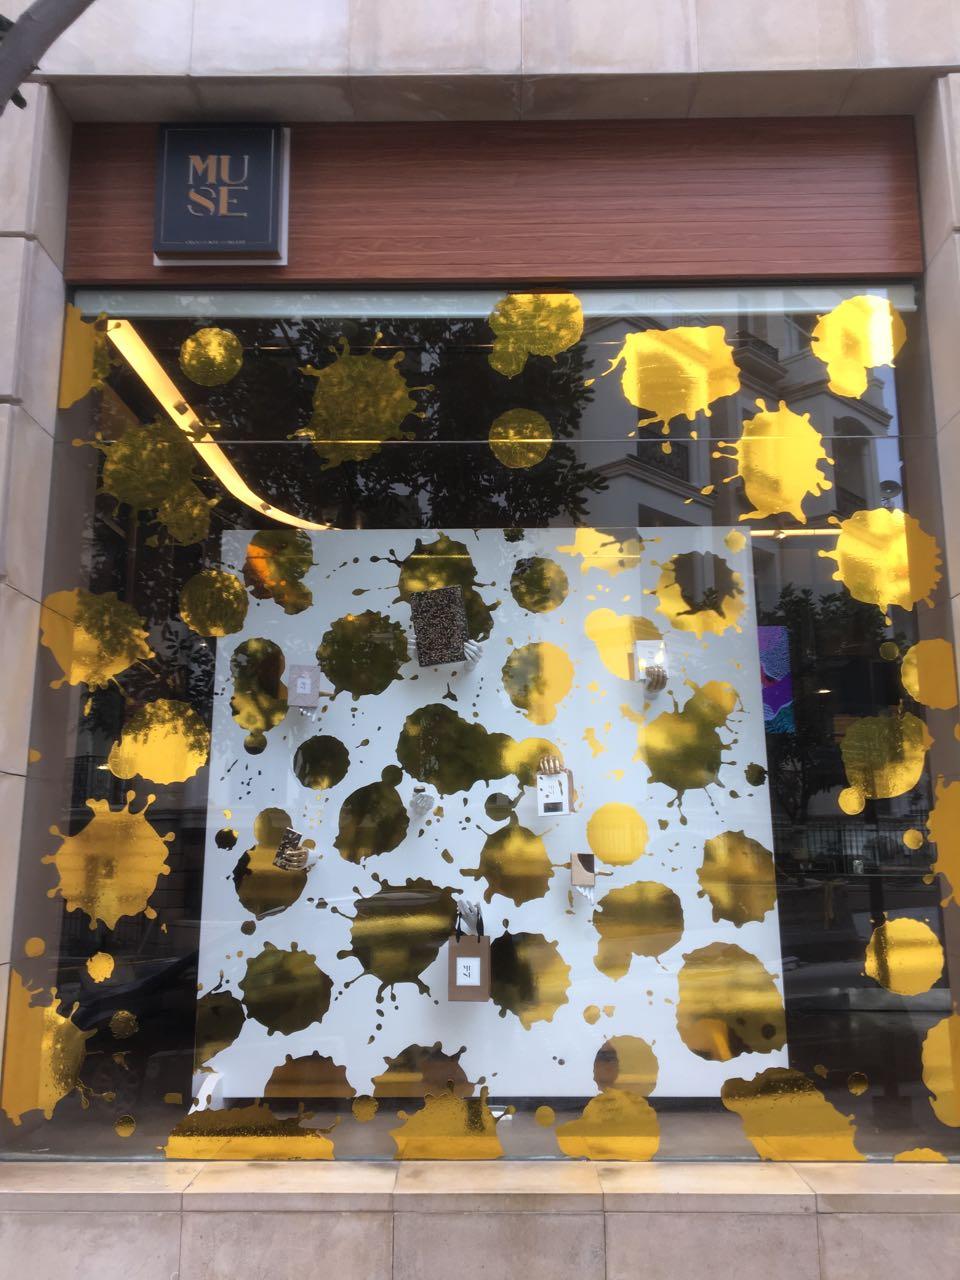 Golden window display